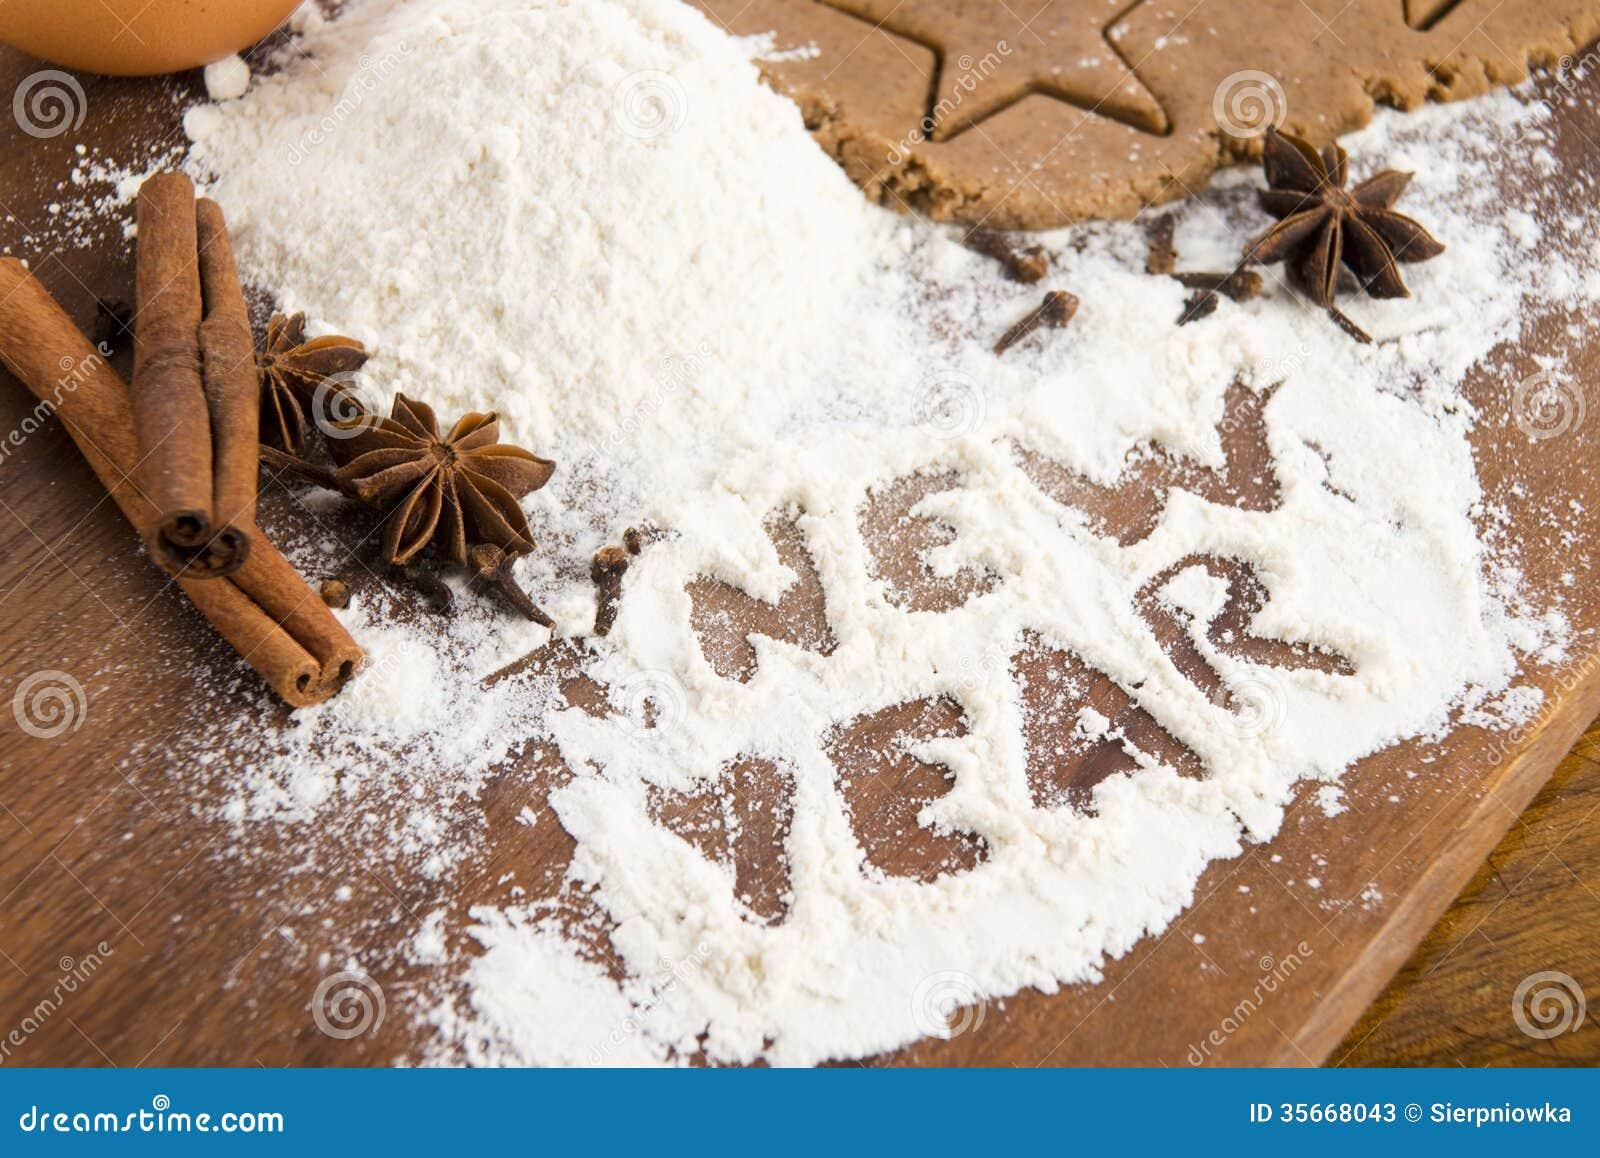 A inscrição na farinha - ano novo